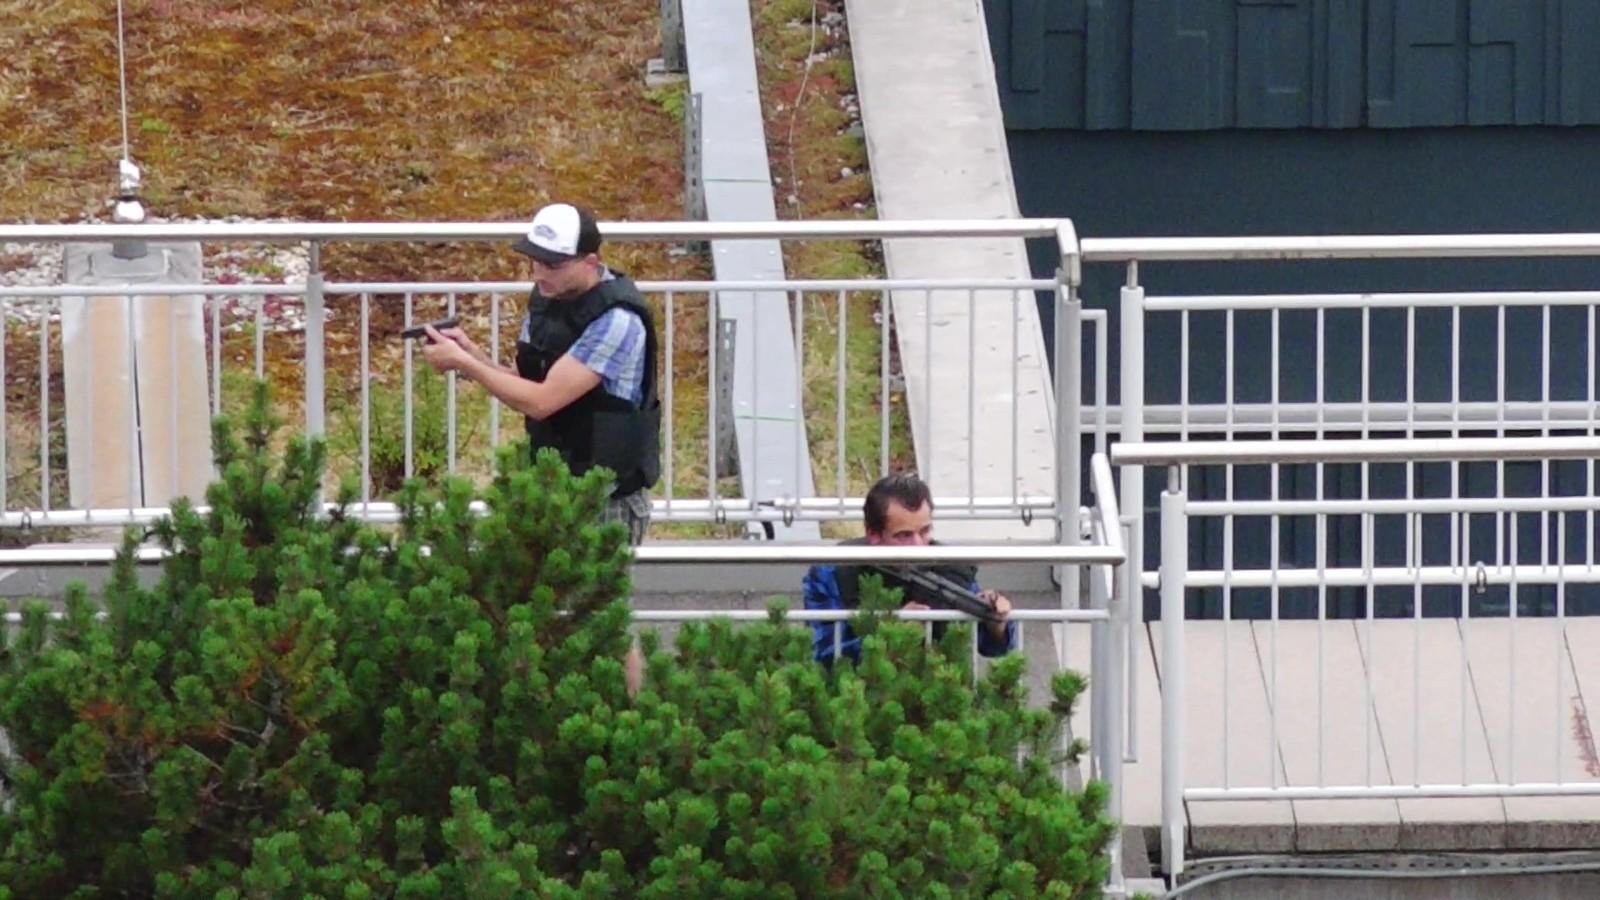 POLITI I SIVIL: Tysk politi i sivil gjennomsøker områdene rundt Olympia-kjøpesenteret i München.